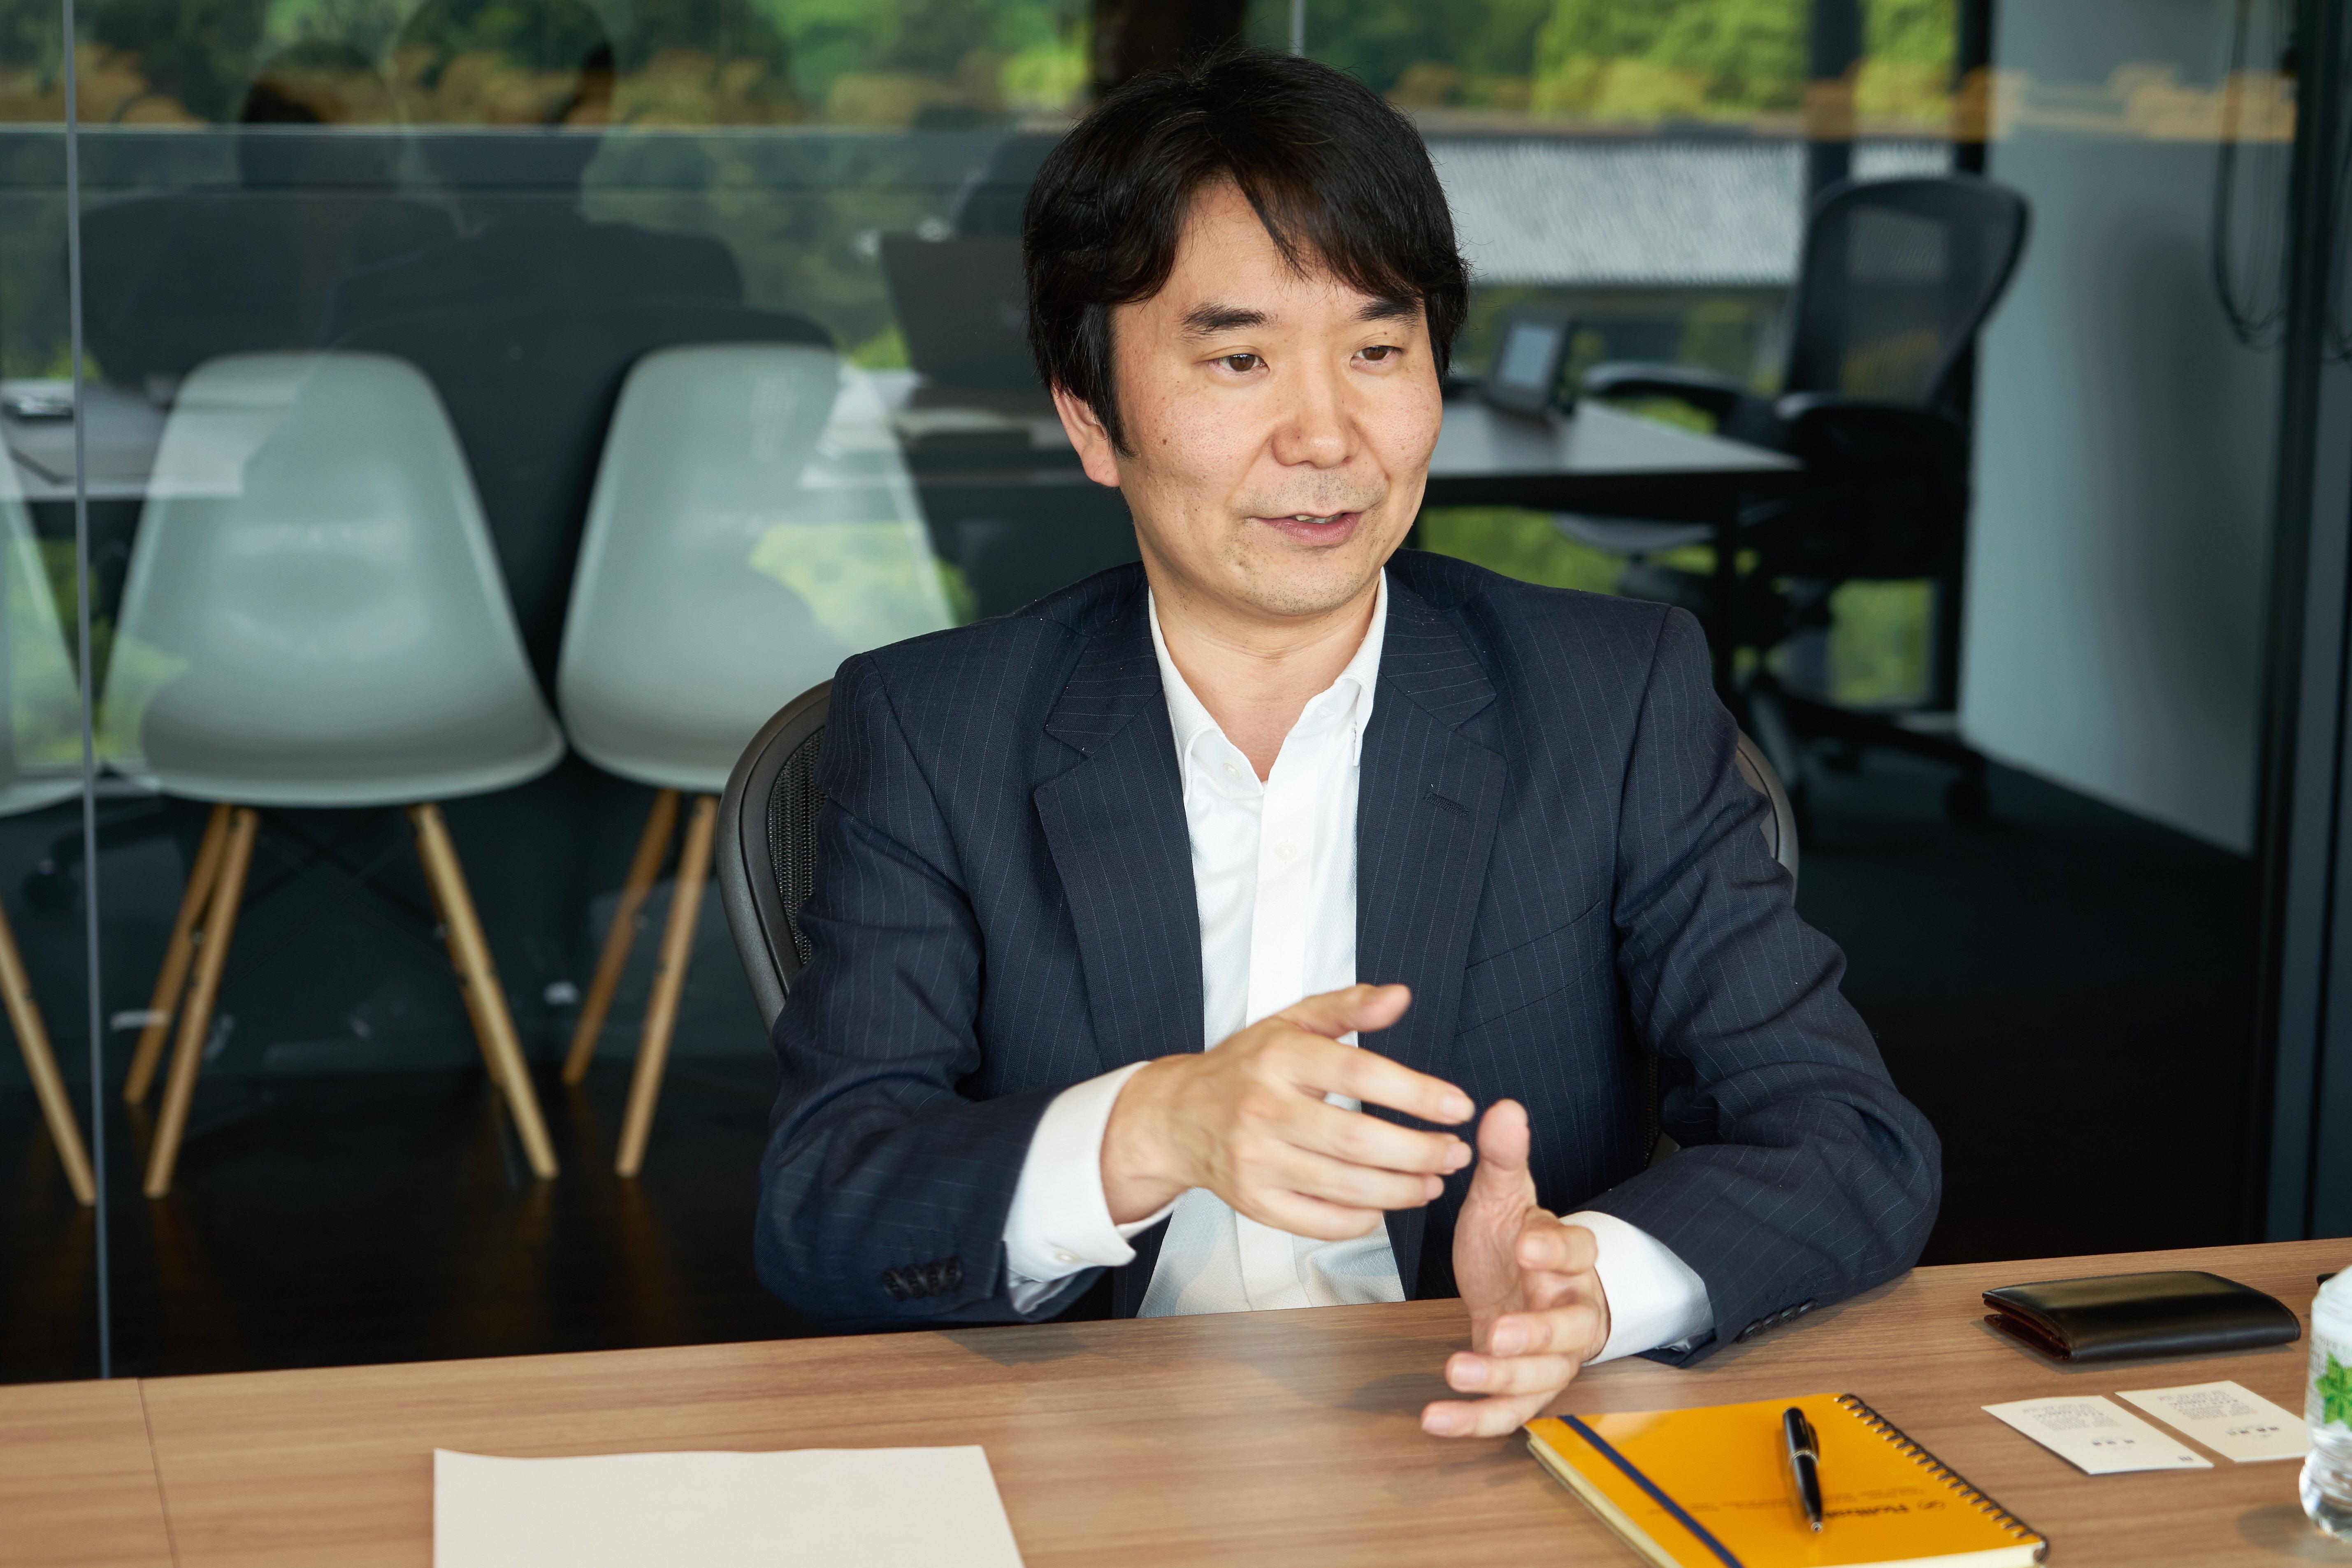 株式会社フライヤー 大賀康史さんさん